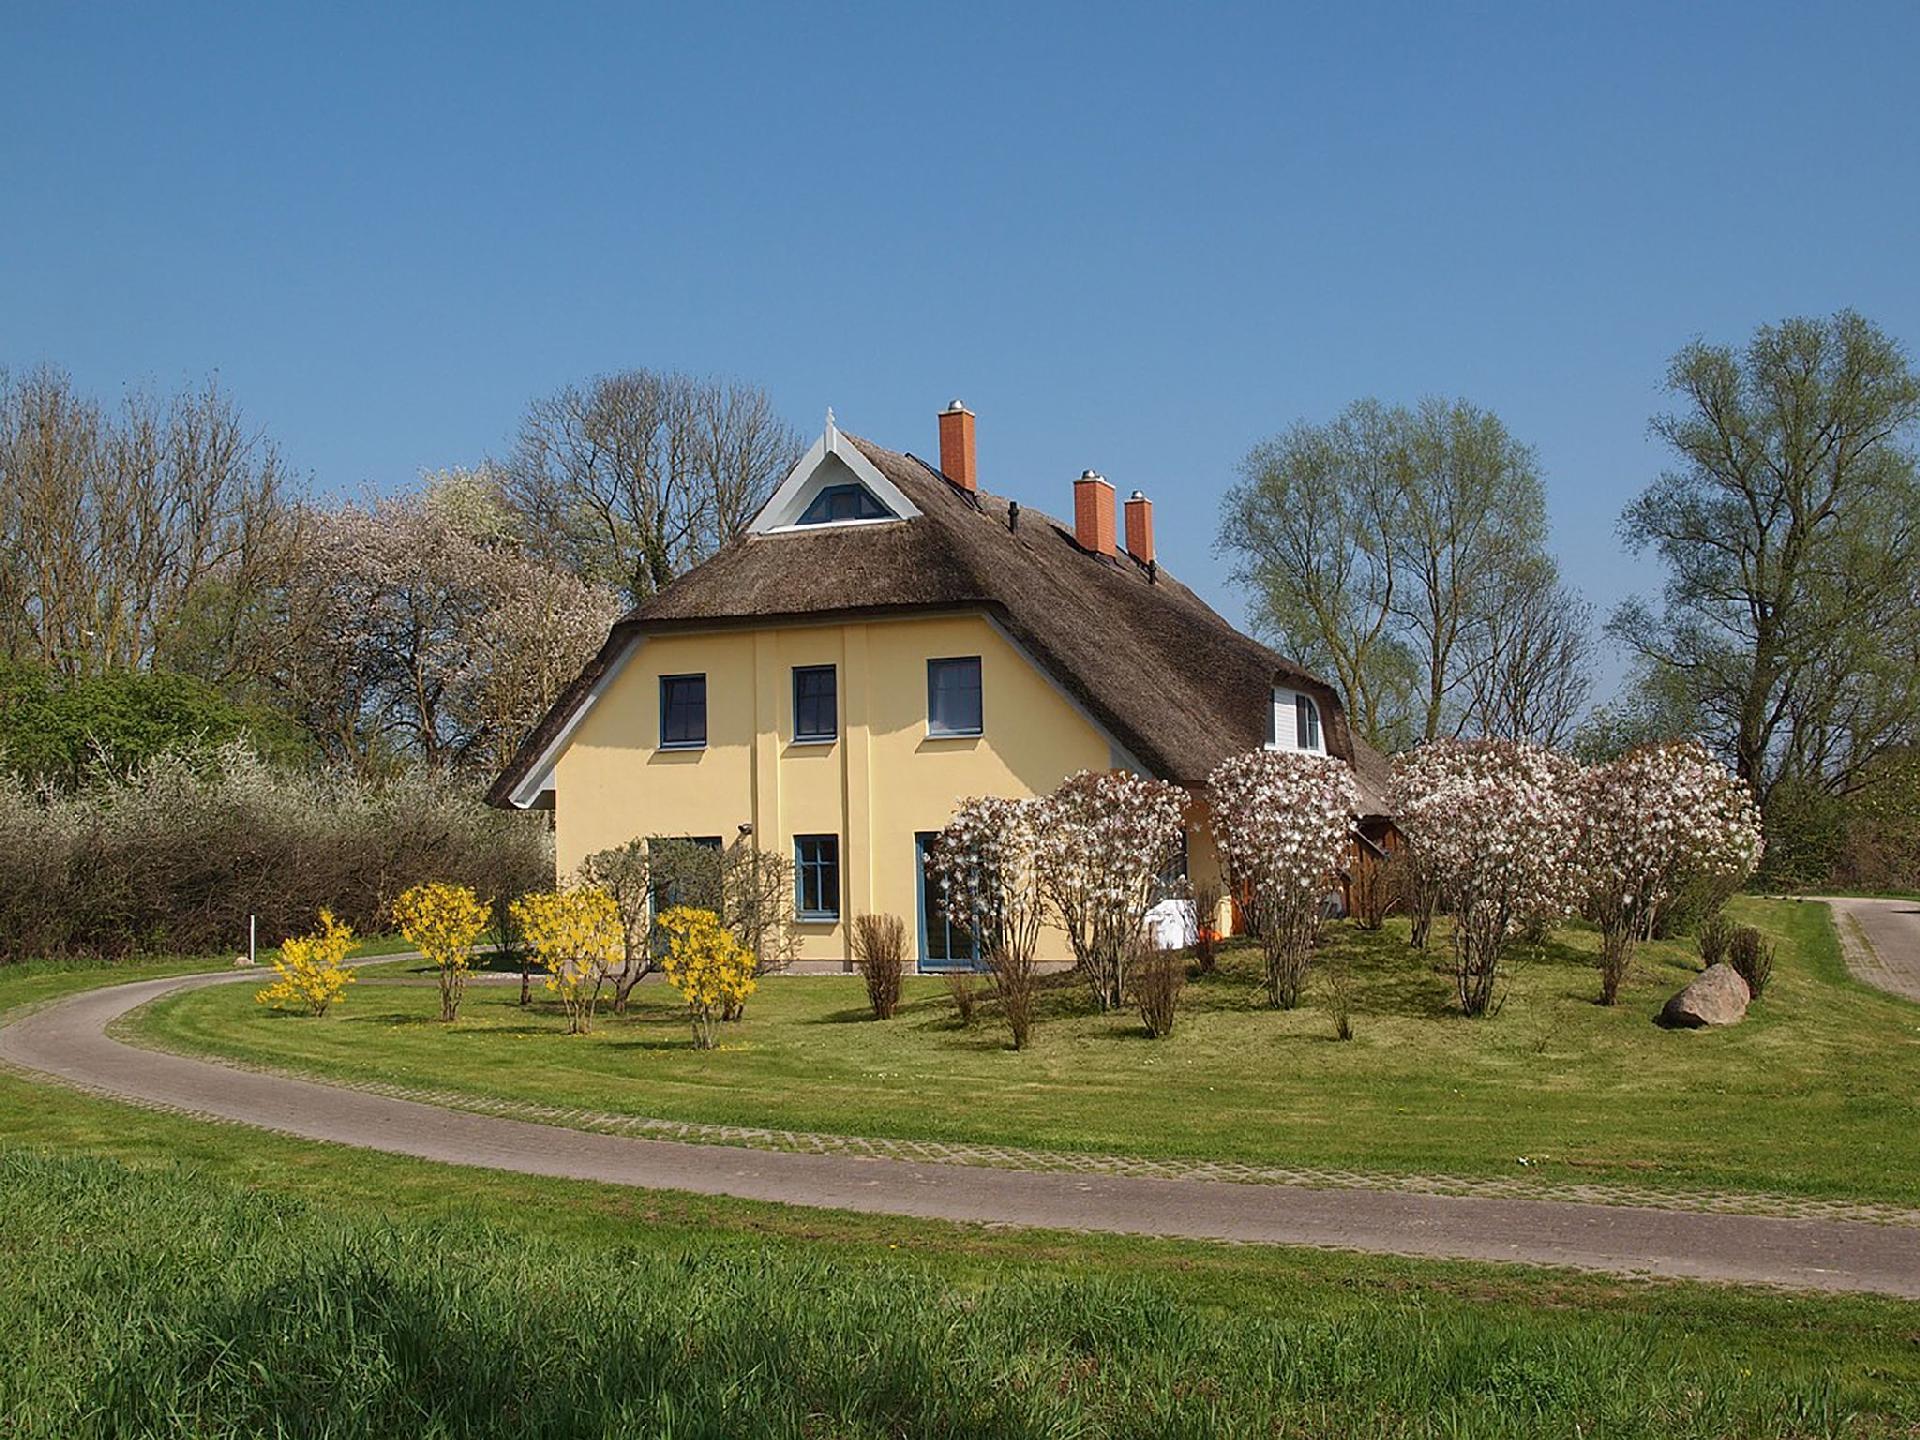 Ferienhaus für 6 Personen ca. 84 m² in P